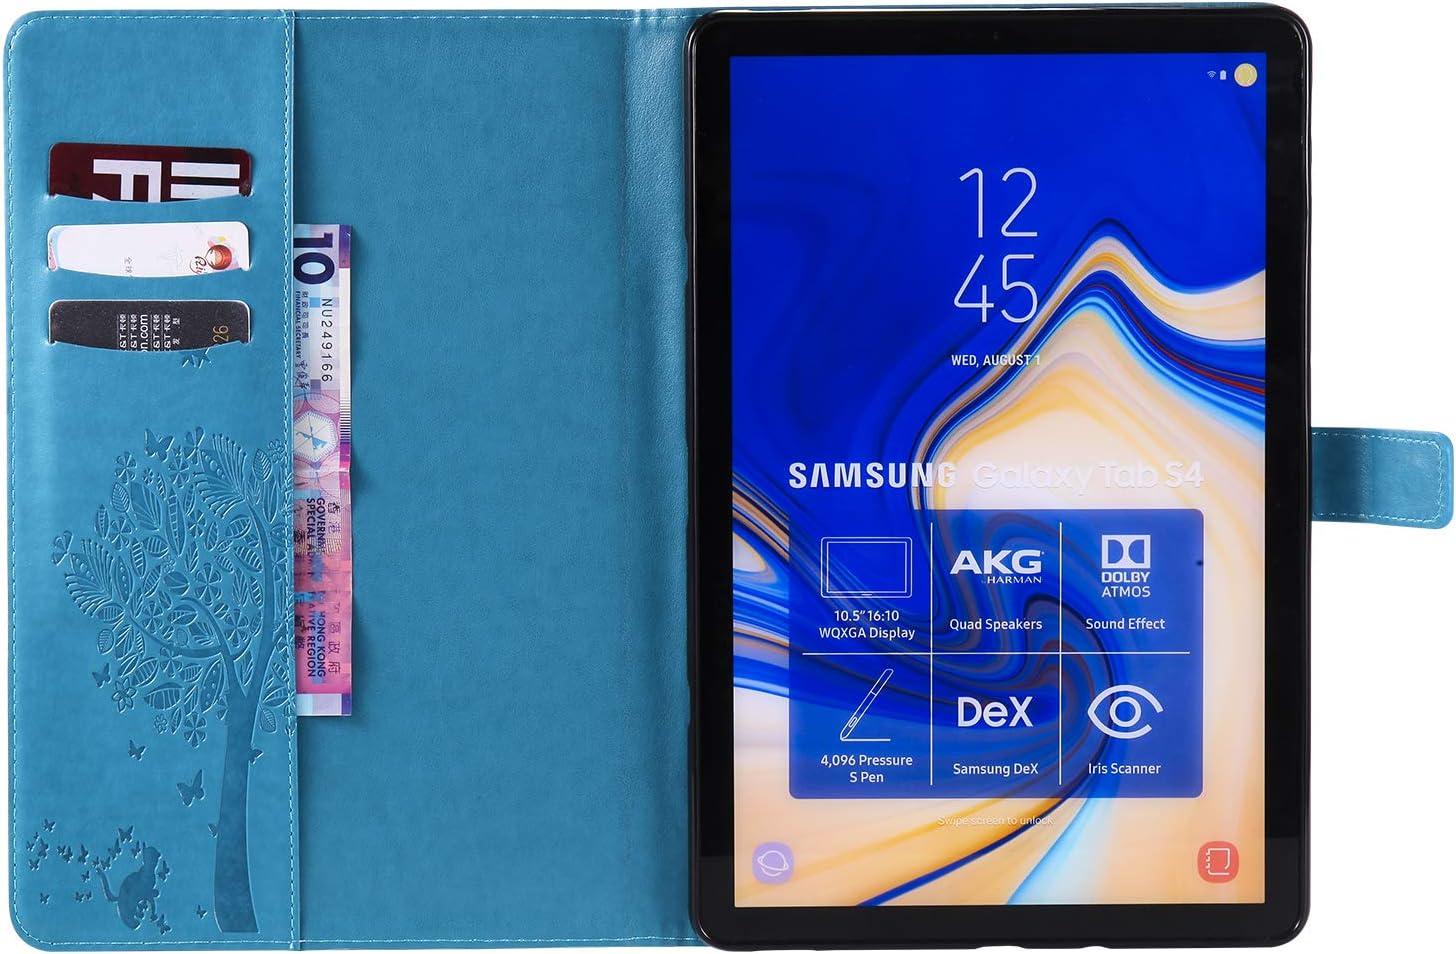 T830//T835//T837 ,Gepr/ägt Sonnenblume Leder Flip Stand Brieftasche Schutzh/ülle mit Kartenhalter und Auto Wach//Schlaf,Floral Blau Artfeel H/ülle Kompatibel mit Samsung Galaxy Tab S4 10.5 Zoll 2018